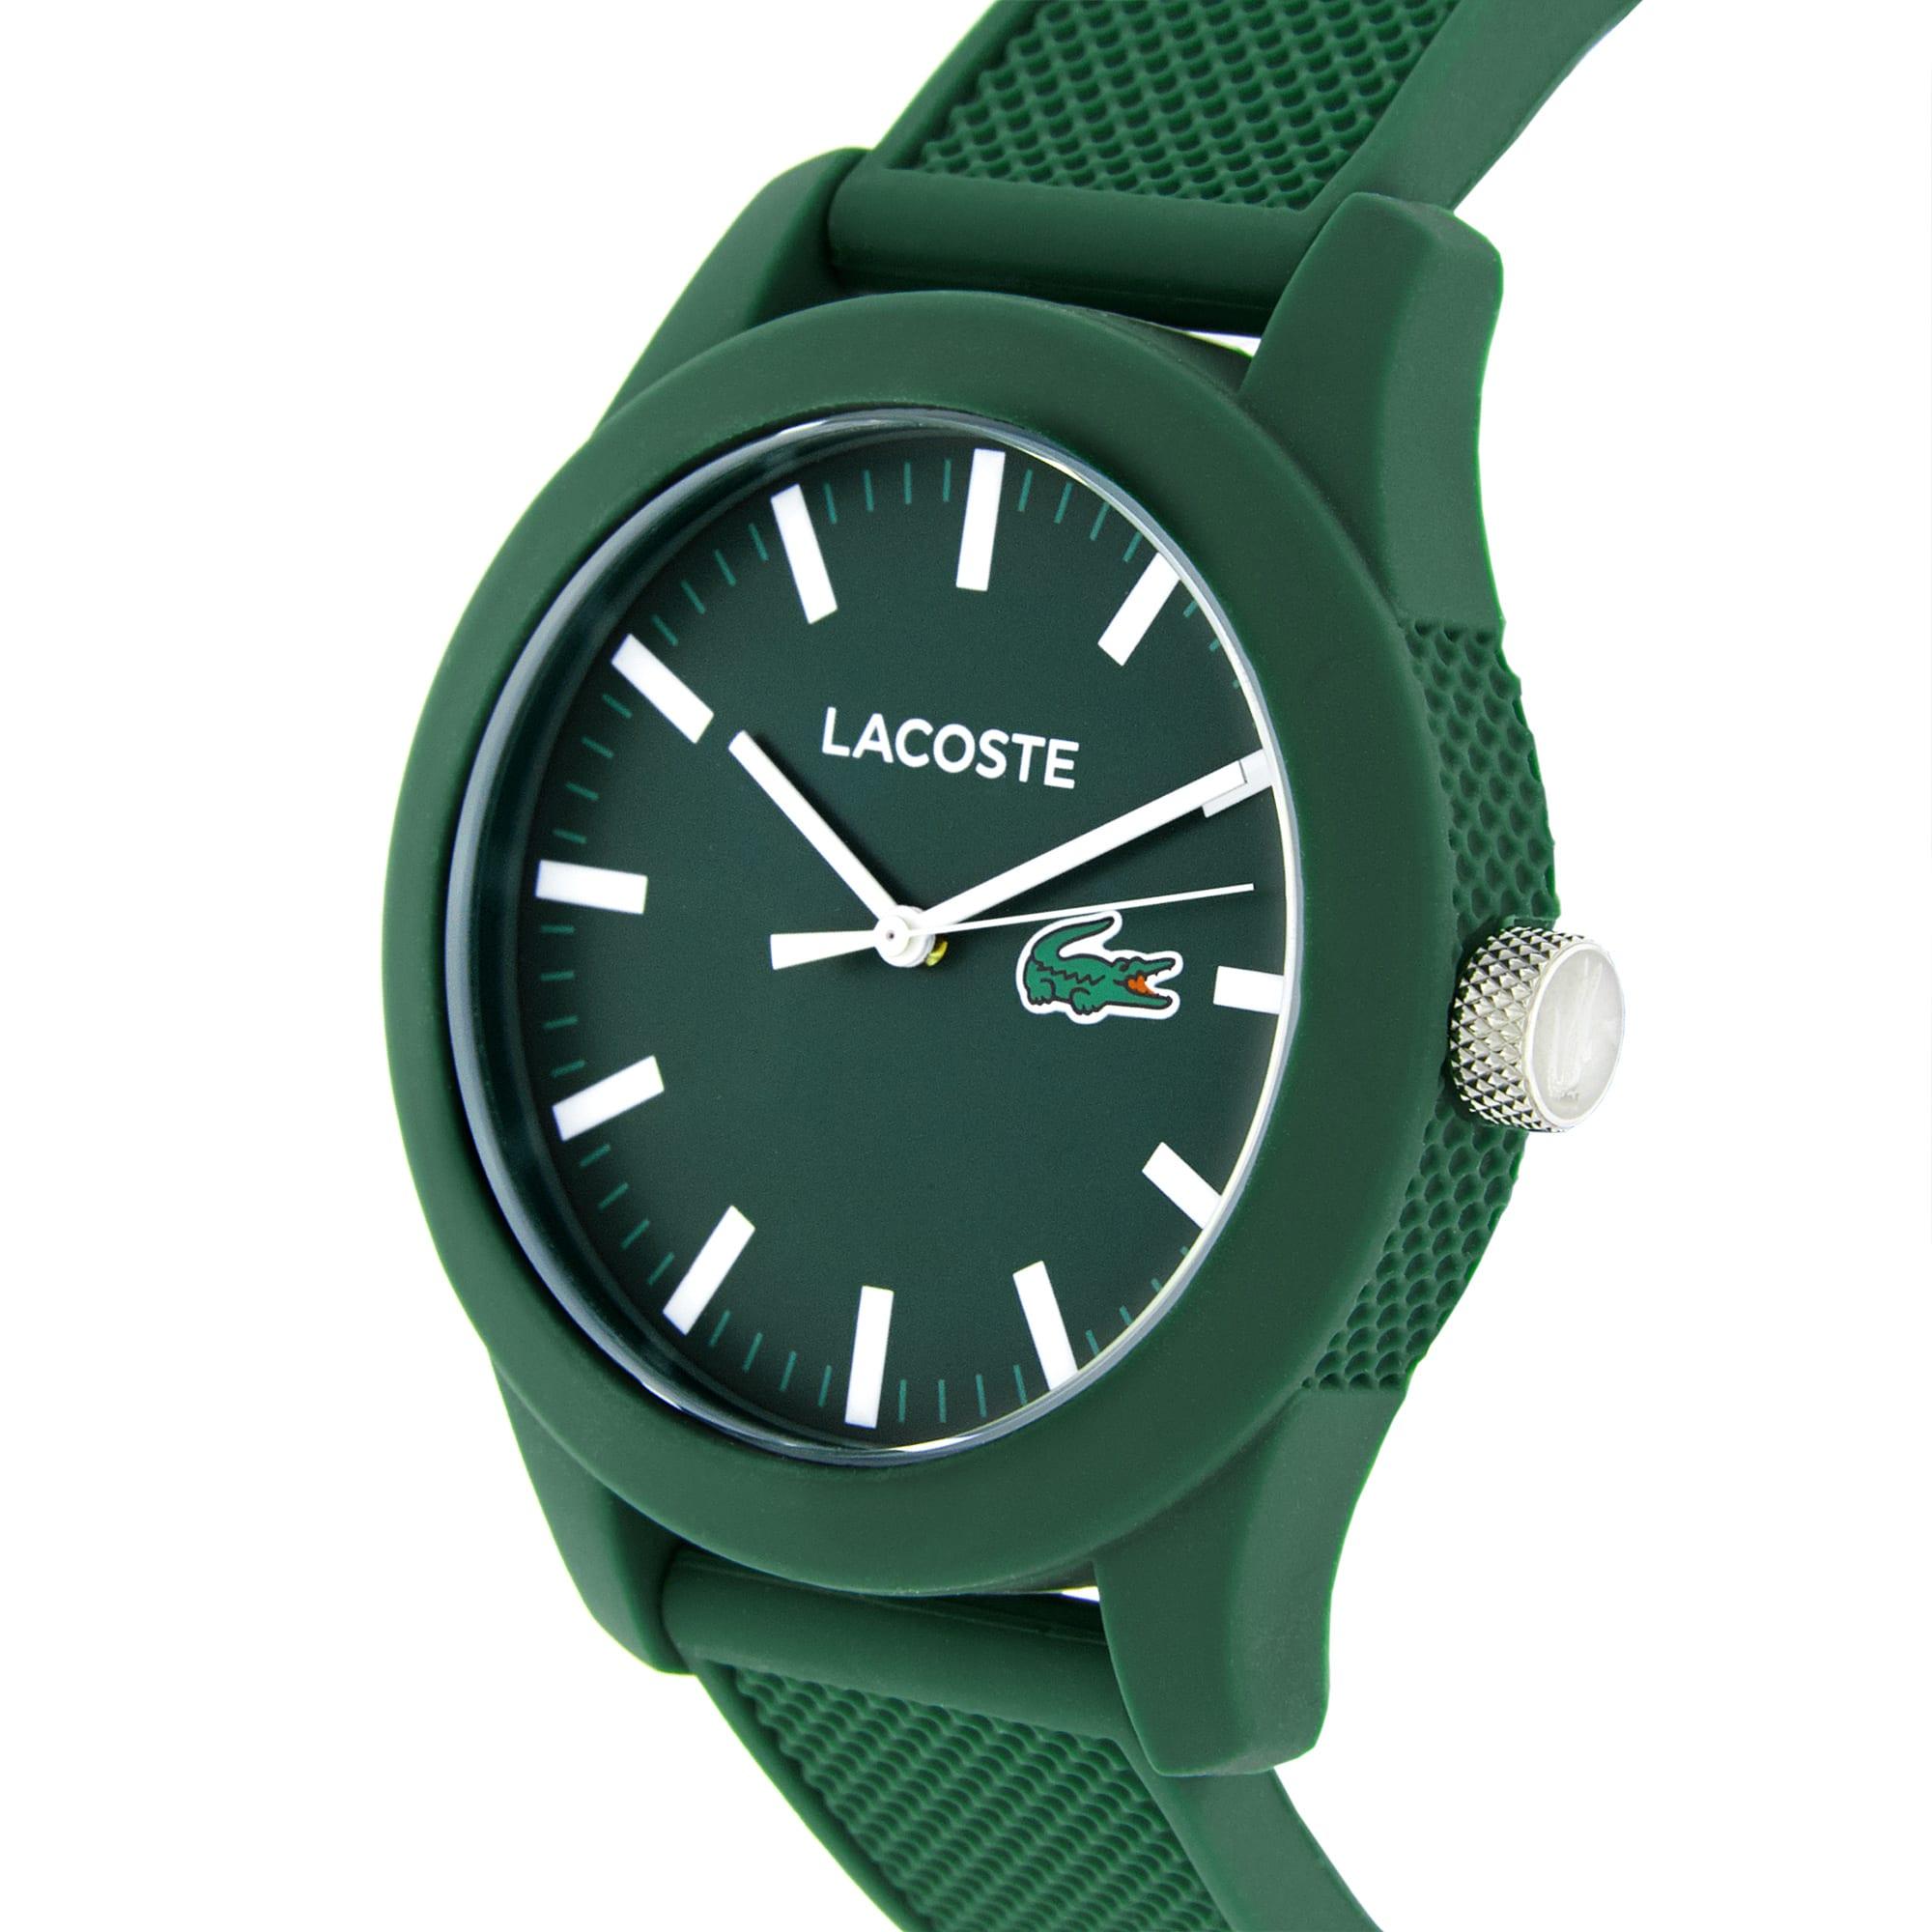 Herrenuhr LACOSTE12.12 mit grünen Silikonarmband